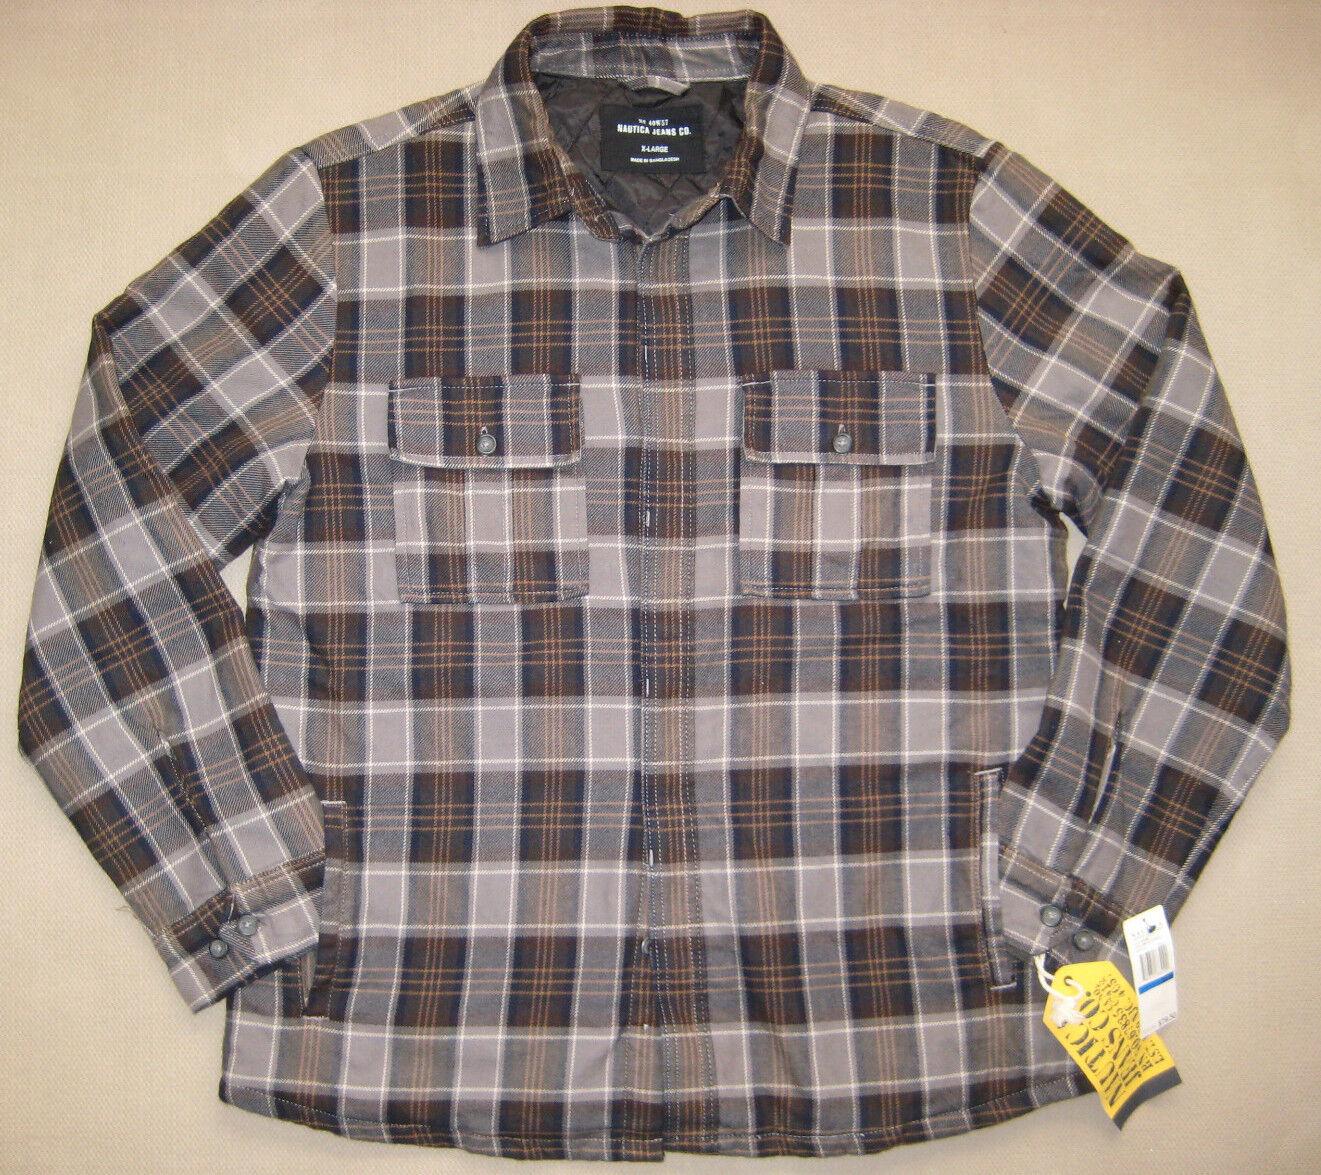 Veste / chemise doublée Nautica.Hommes.S / M.TN-O.79 $.Idéal pour les occasions de plein air.